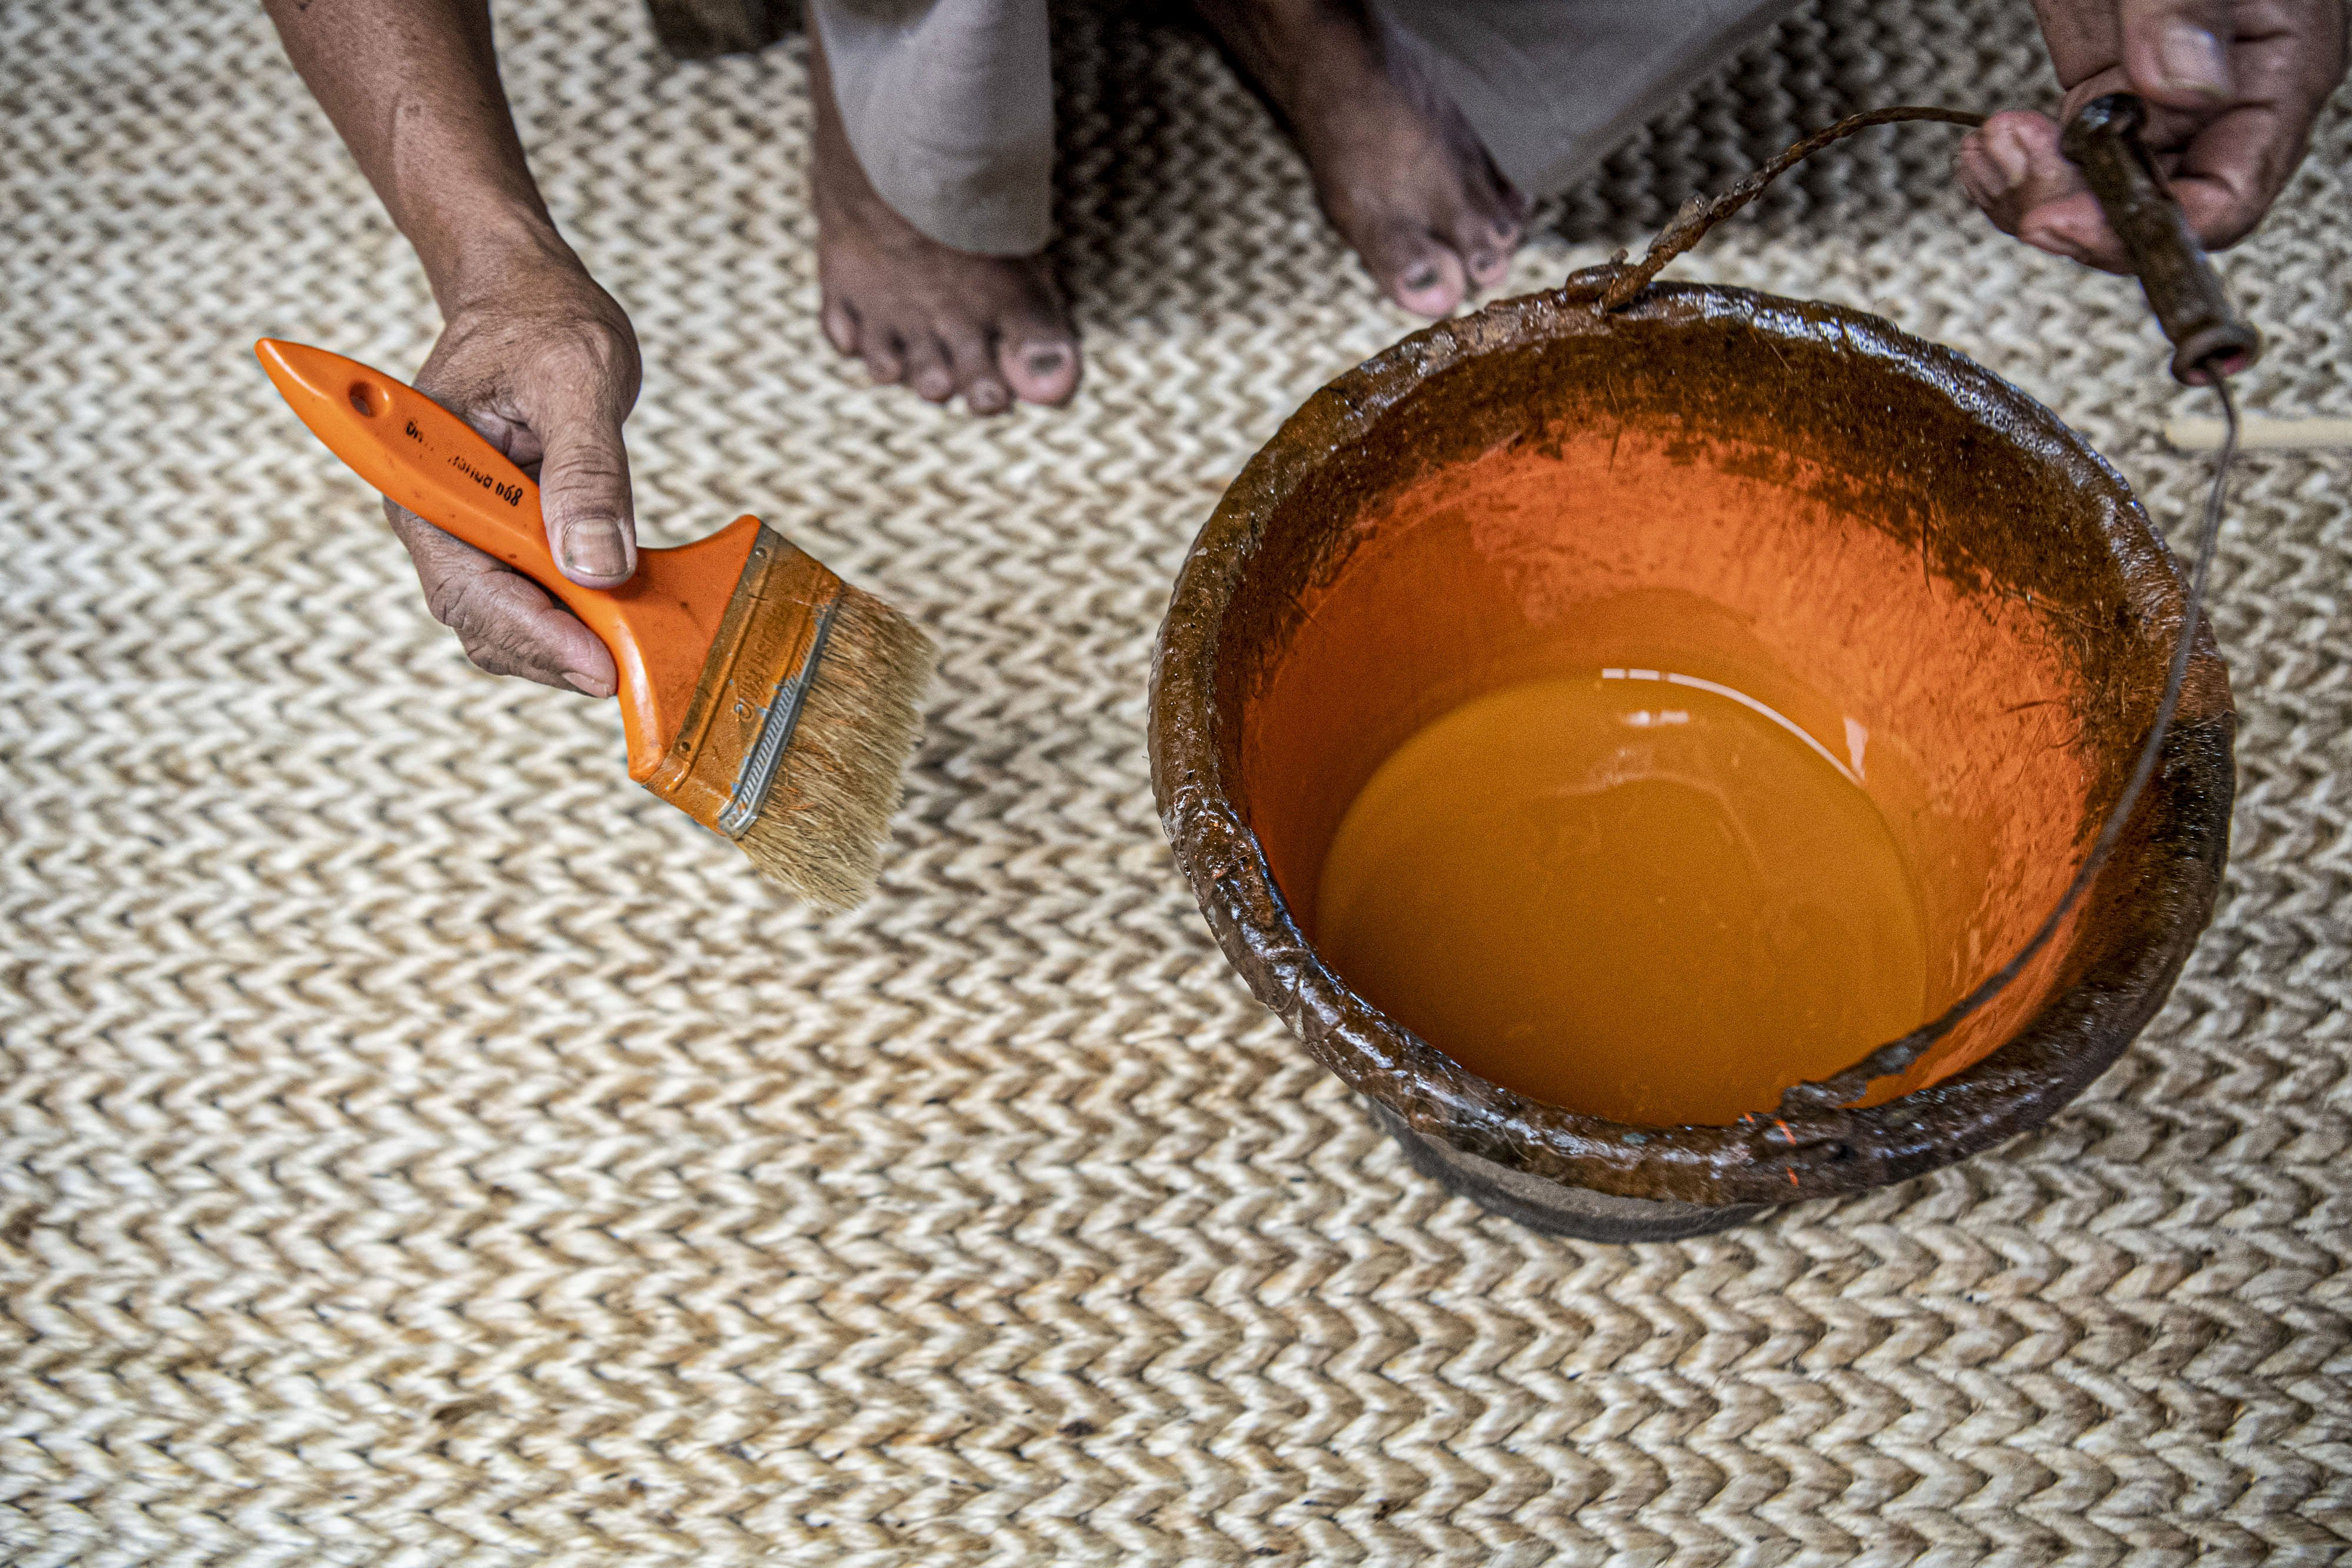 Pekerja mewarnai karpet yang terbuat dari serat pohon pisang (abaca fiber) di bengkel anyam Djunaedi.